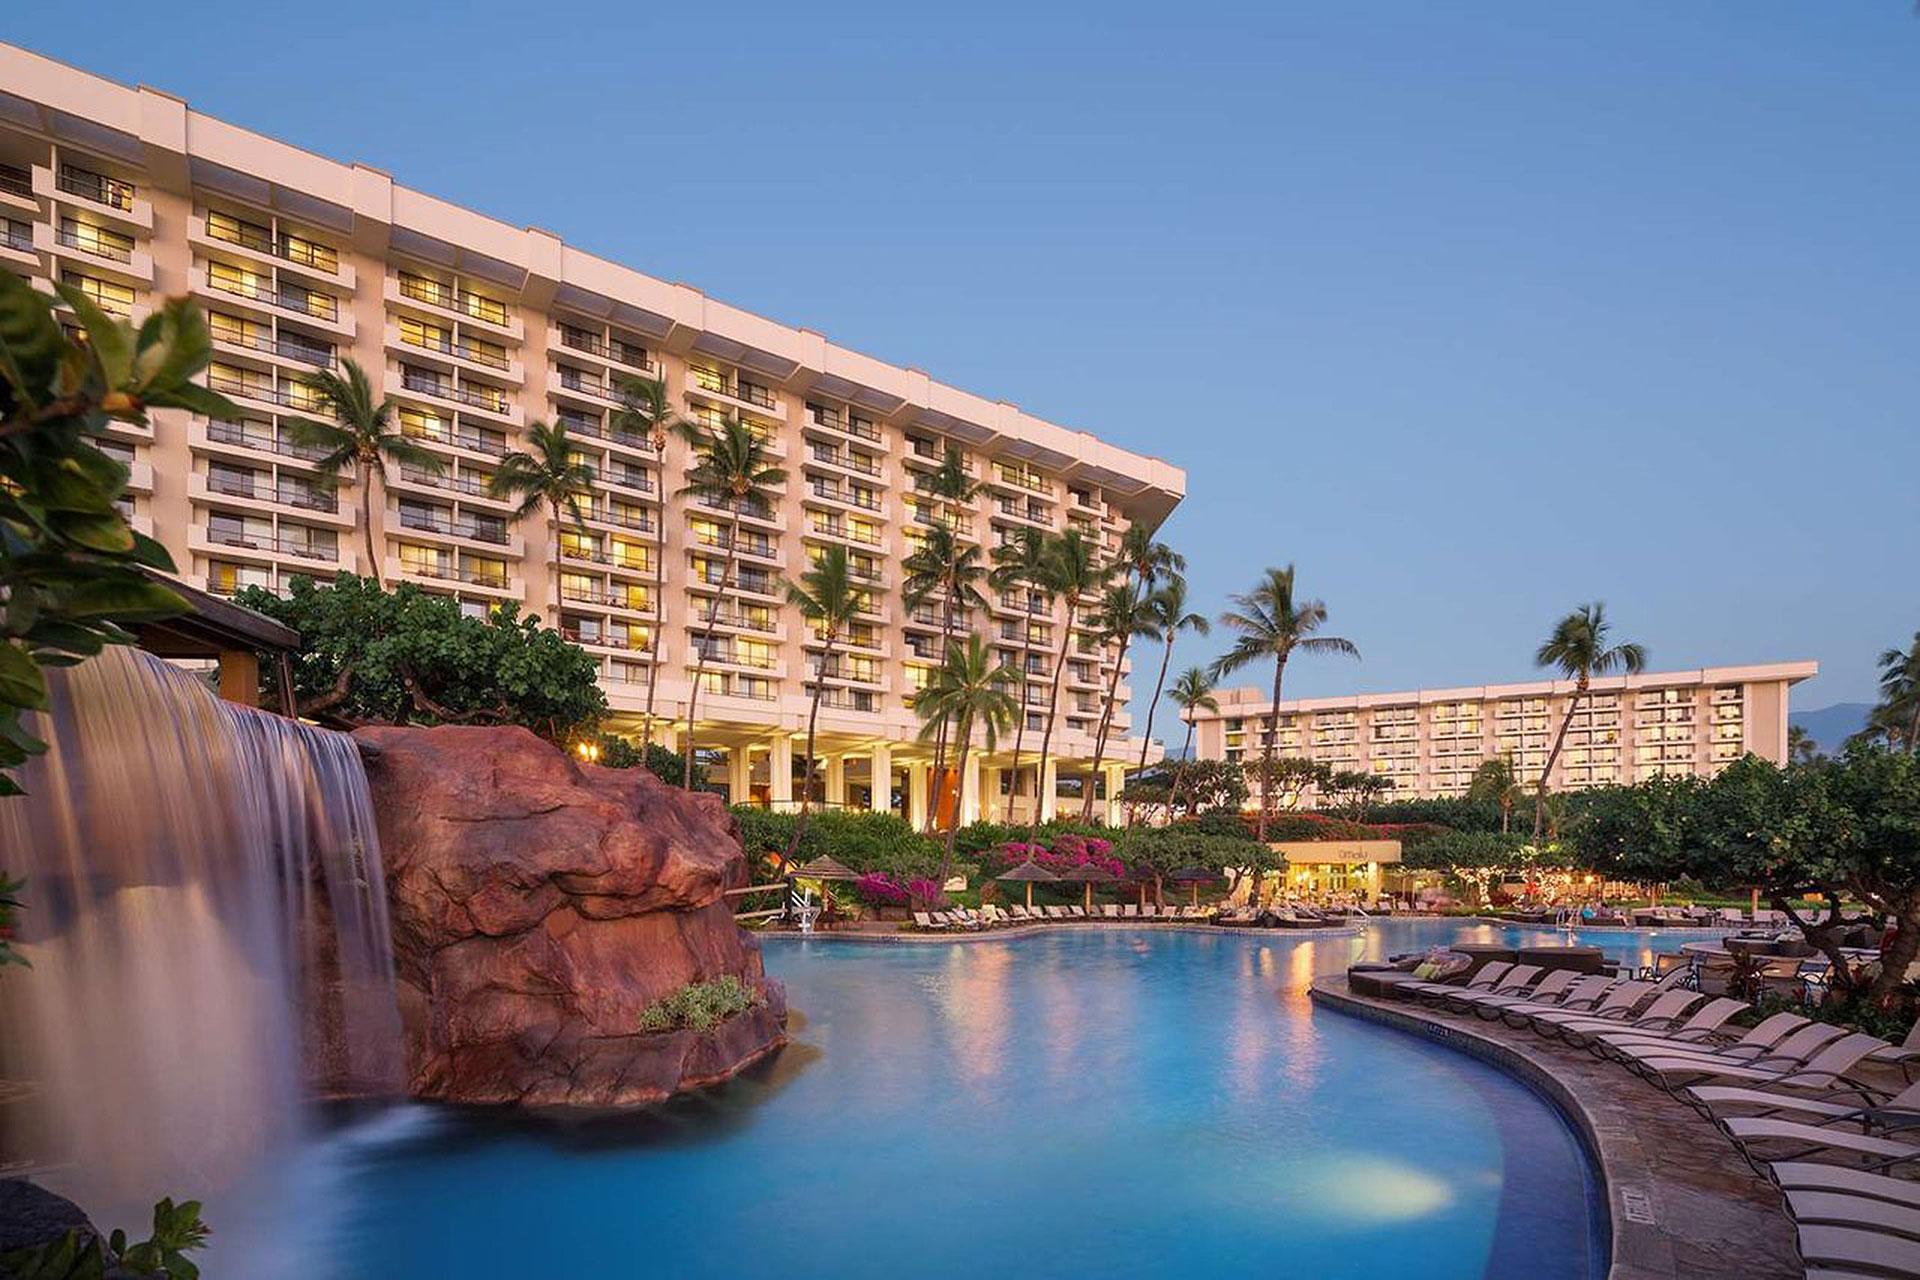 Pool at Hyatt Regency Maui Resort and Spa; Courtesy of Pool at Hyatt Regency Maui Resort and Spa